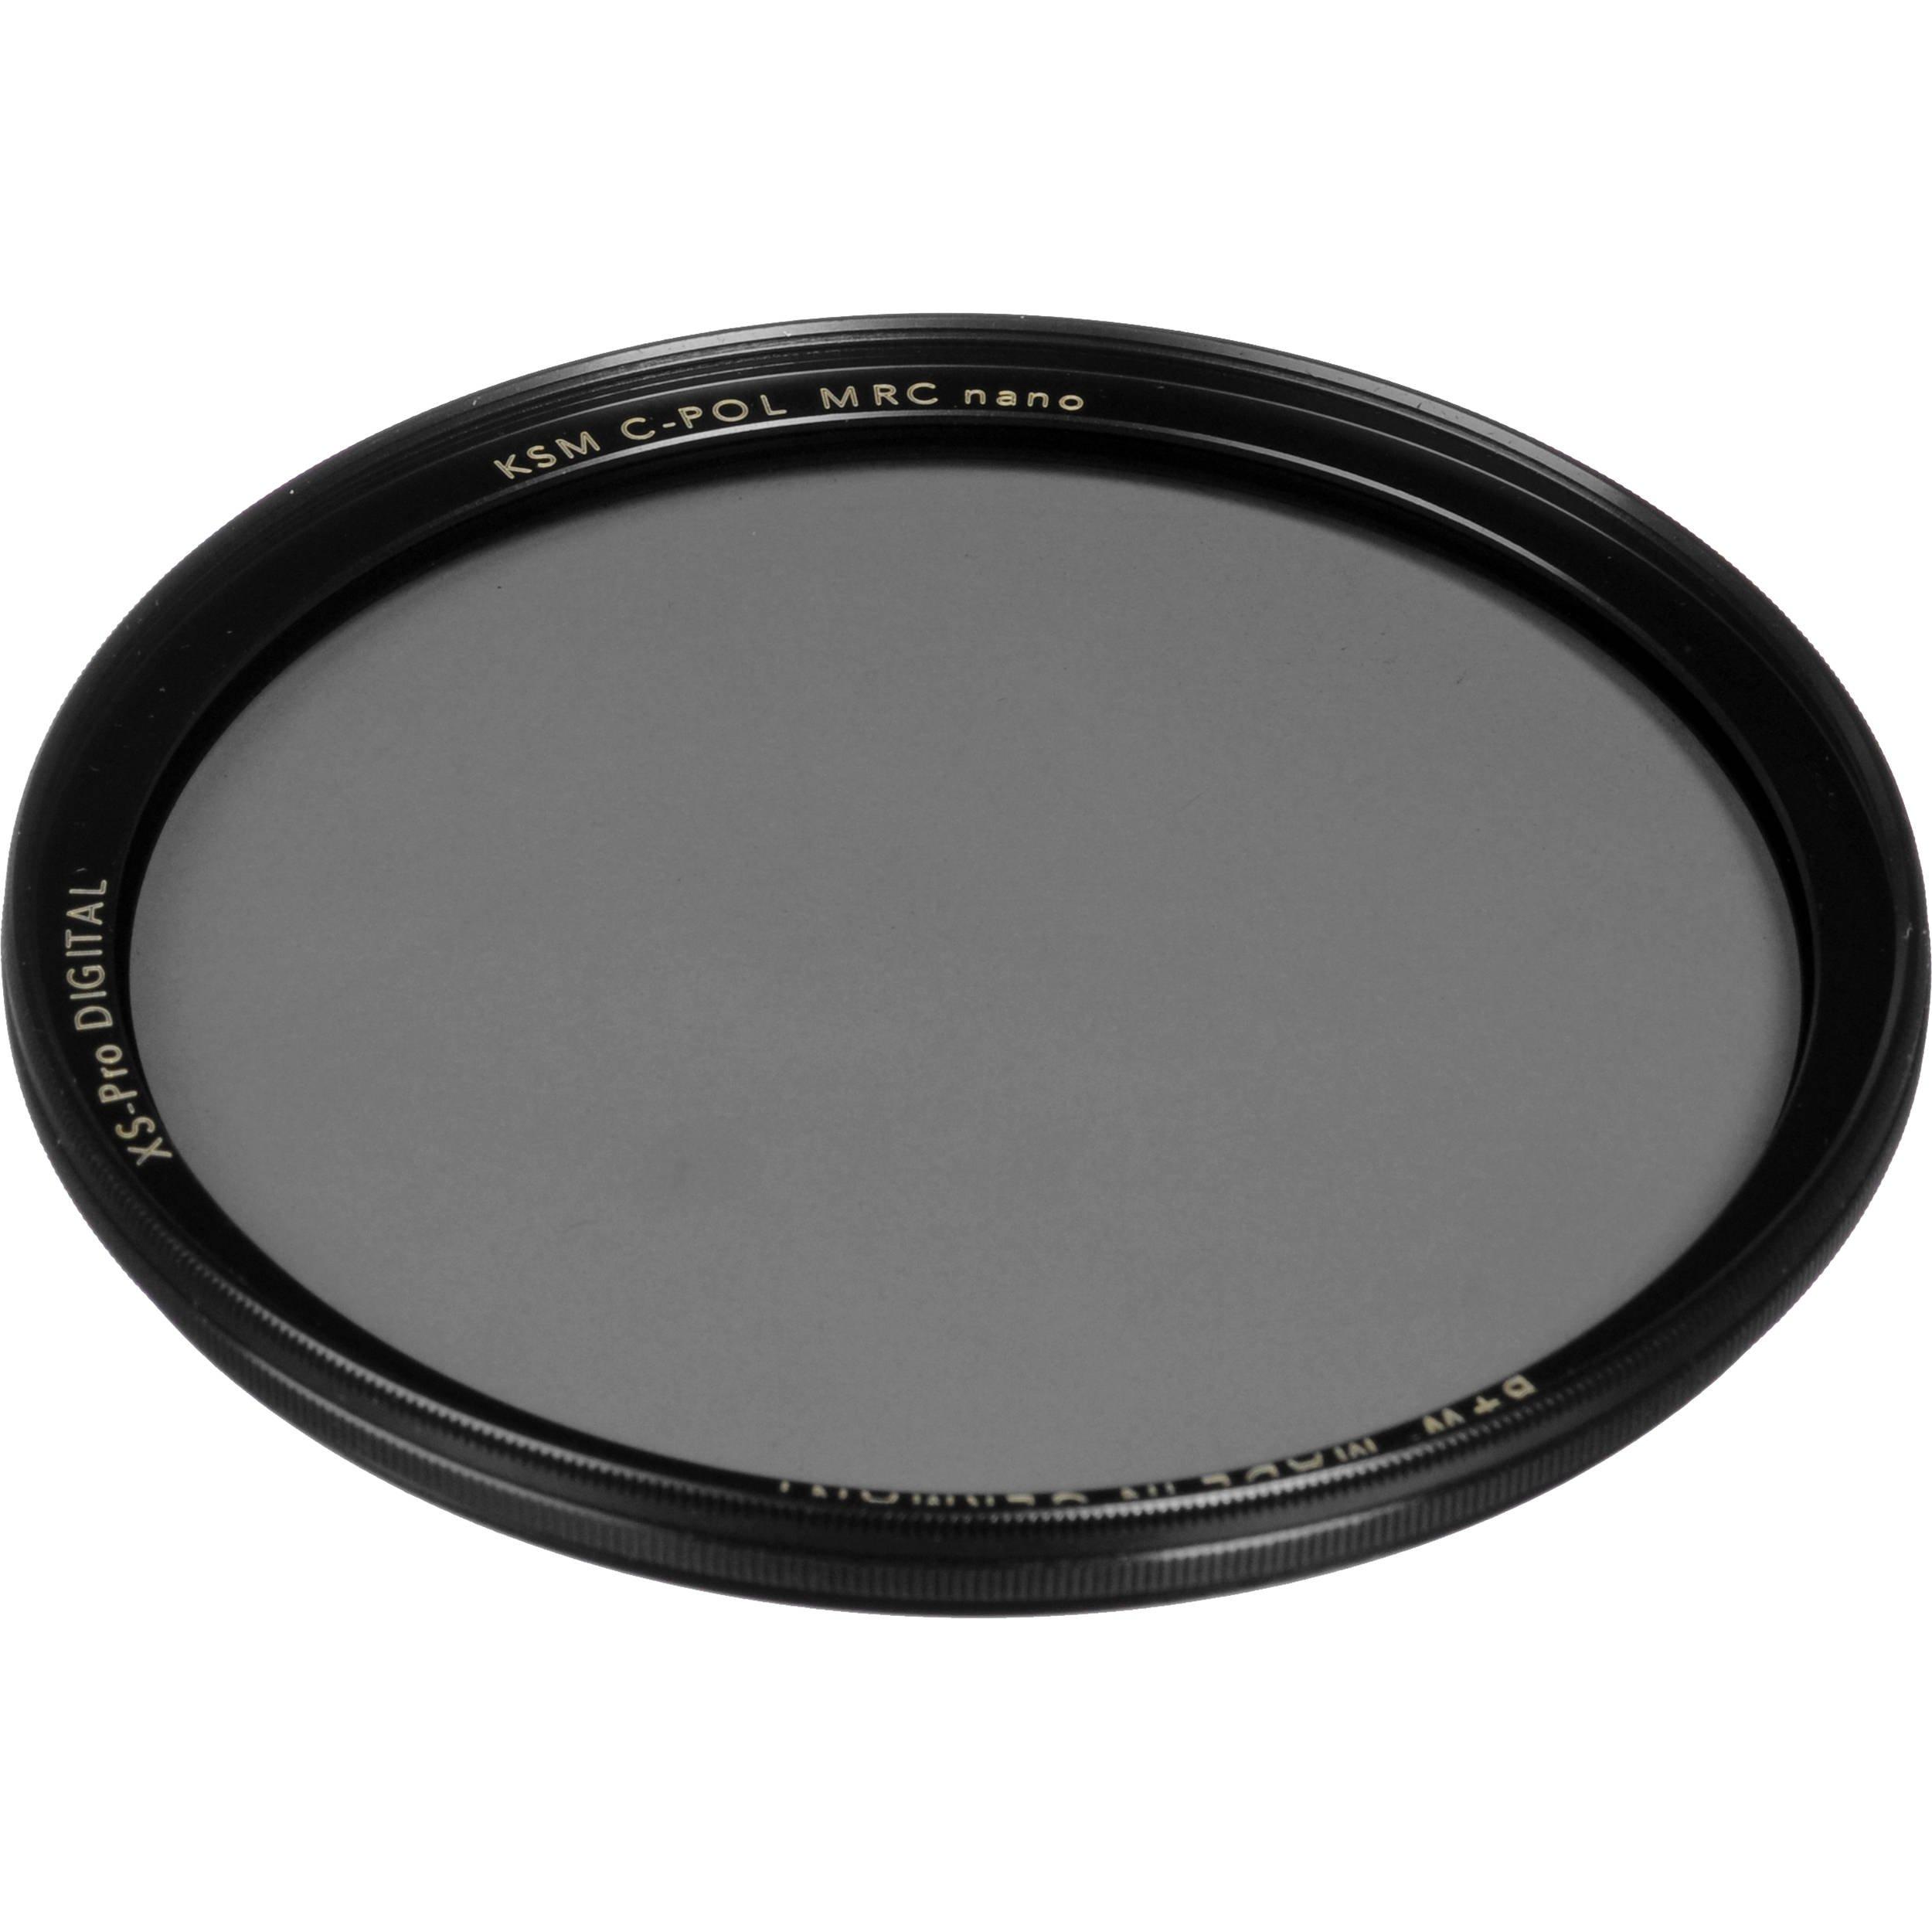 B+W filtr Polarizační cirkulární KSM XS-Pro HTC Digital MRC nano 67 mm